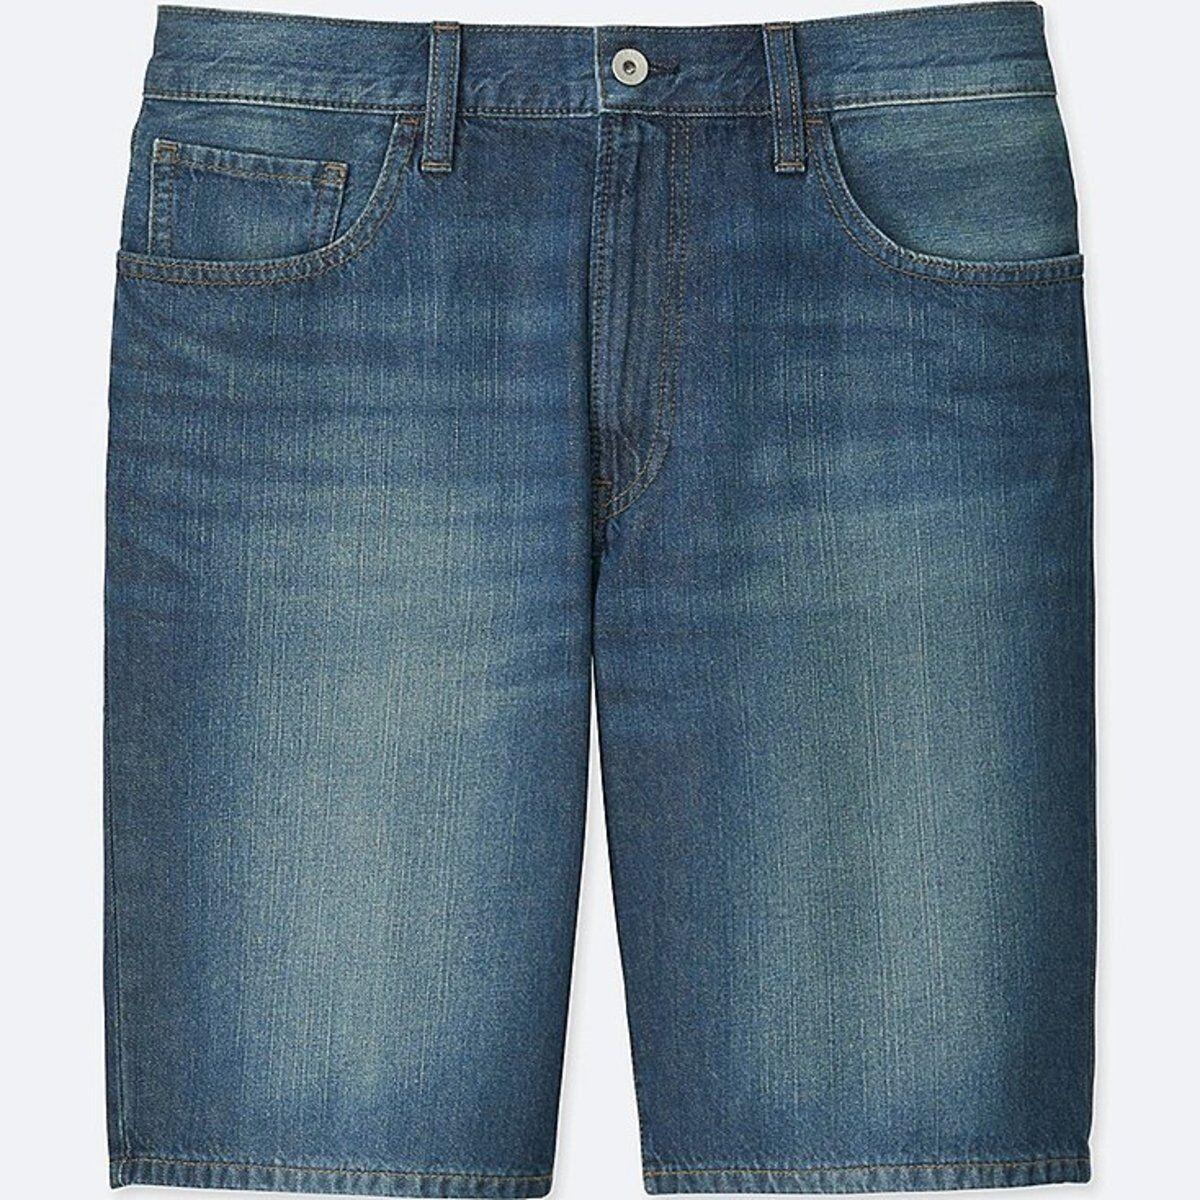 14438cbb3c73e UNIQLO Men's Faded Denim Cotton Jean Shorts blueE (66) MEDIUM 30 ...